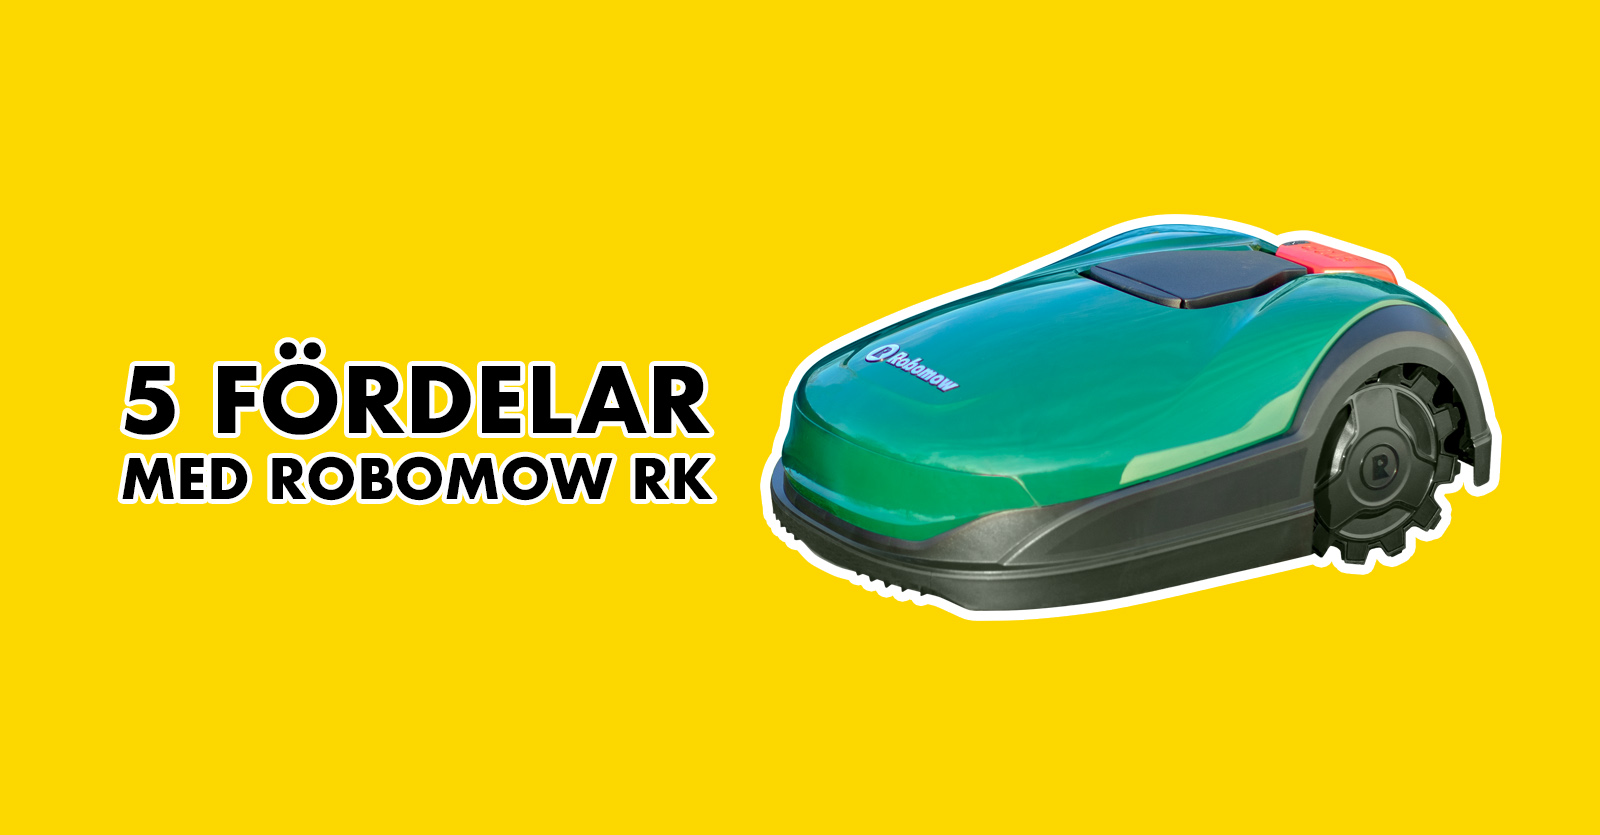 5-fördelar-robomow